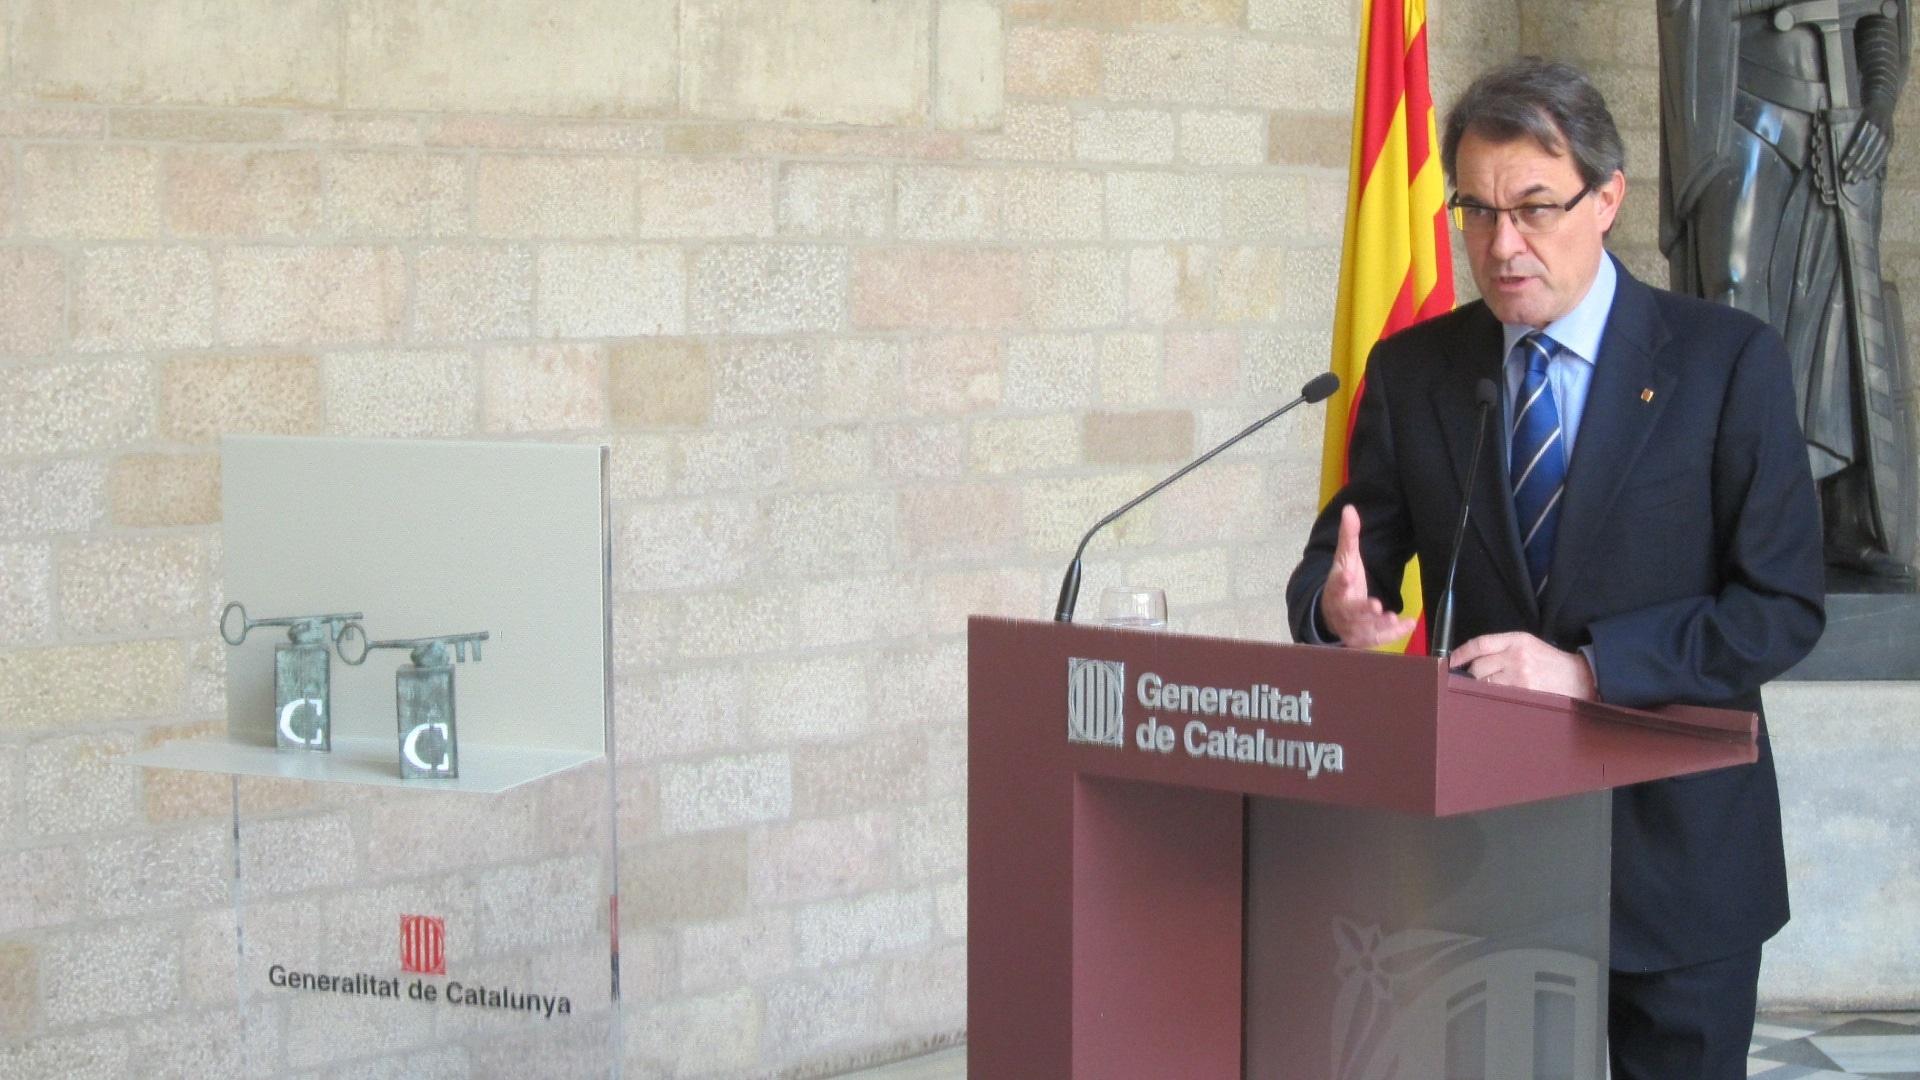 Mas responde a Rajoy que los países que viven mejor son los más pequeños